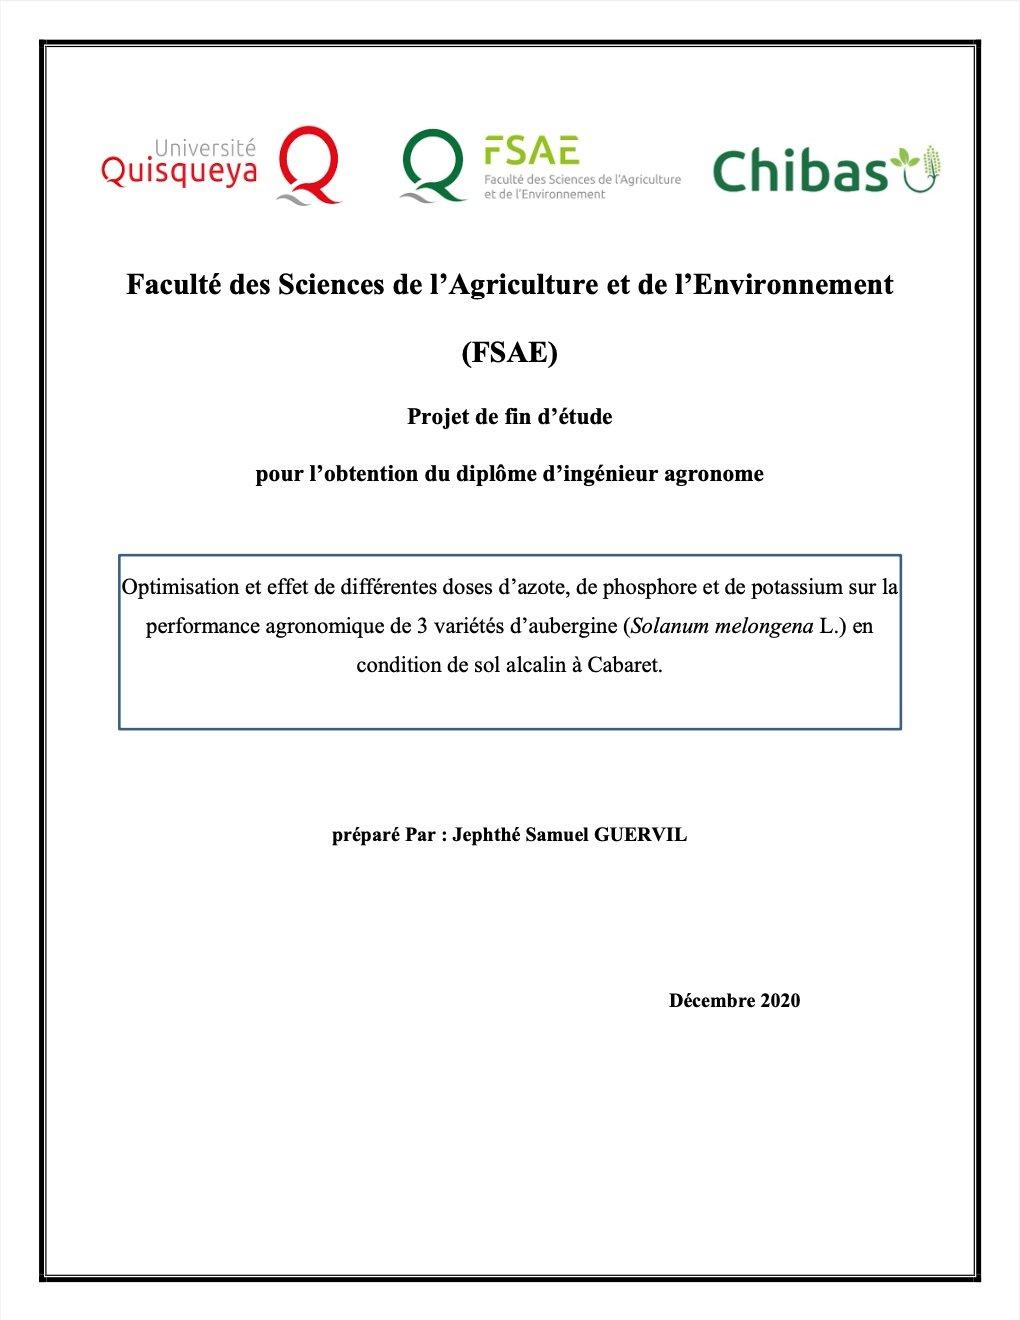 Read more about the article Optimisation et effet de différentes doses d'azote, de phosphore et de potassium sur la performance agronomique de 3 variétés d'aubergine (Solanum melongena L.) en condition de sol alcalin à Cabaret